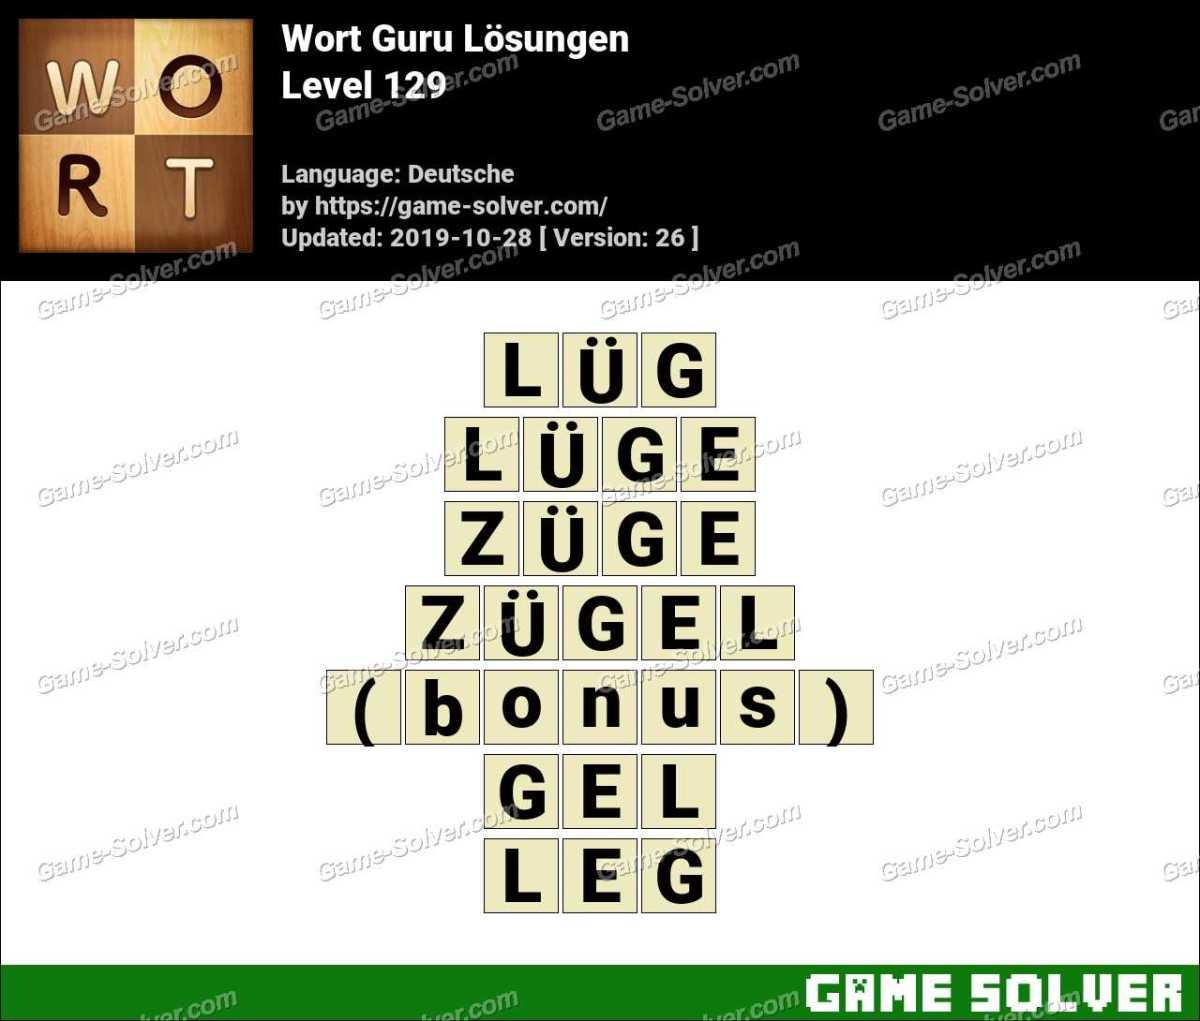 Wort Guru Level 129 Lösungen